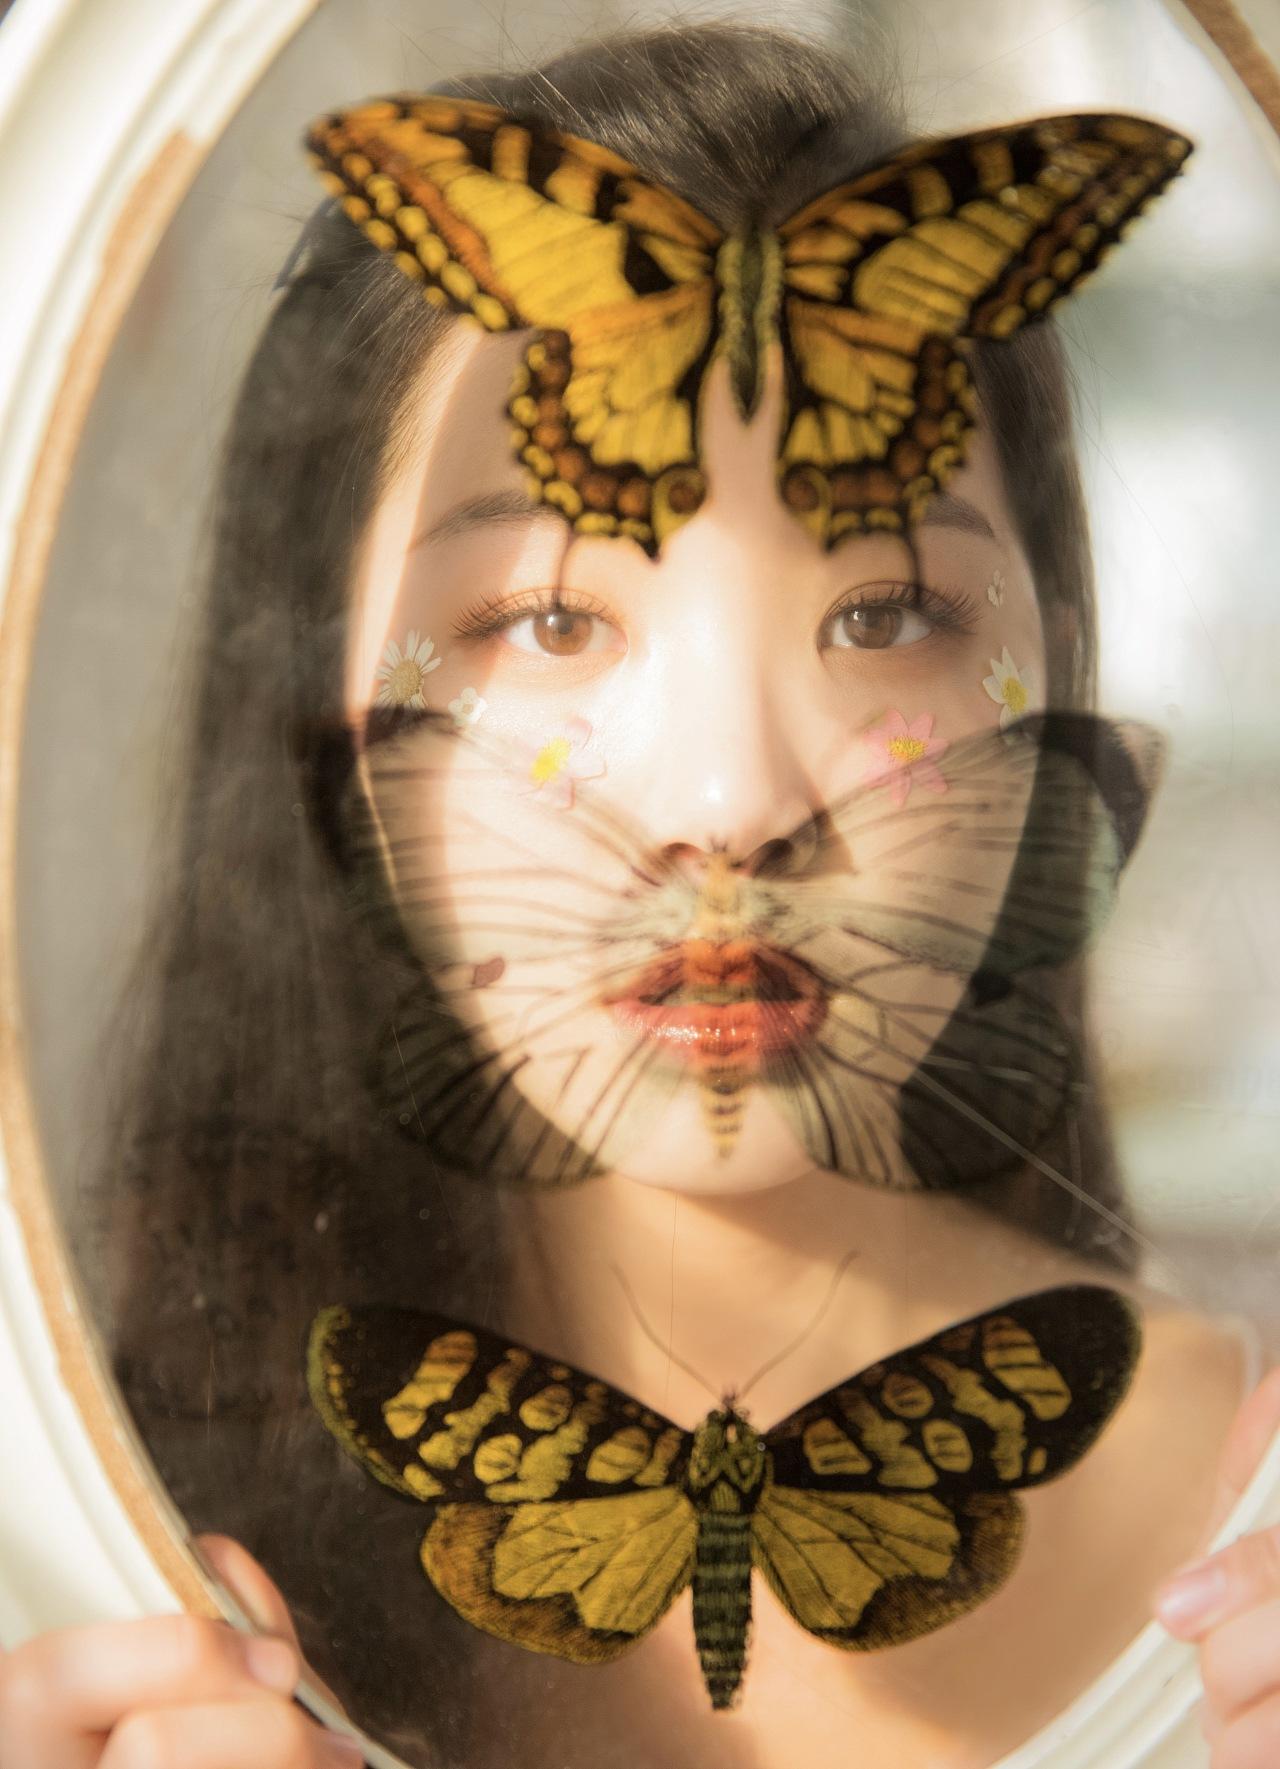 庄生晓梦迷蝴蝶